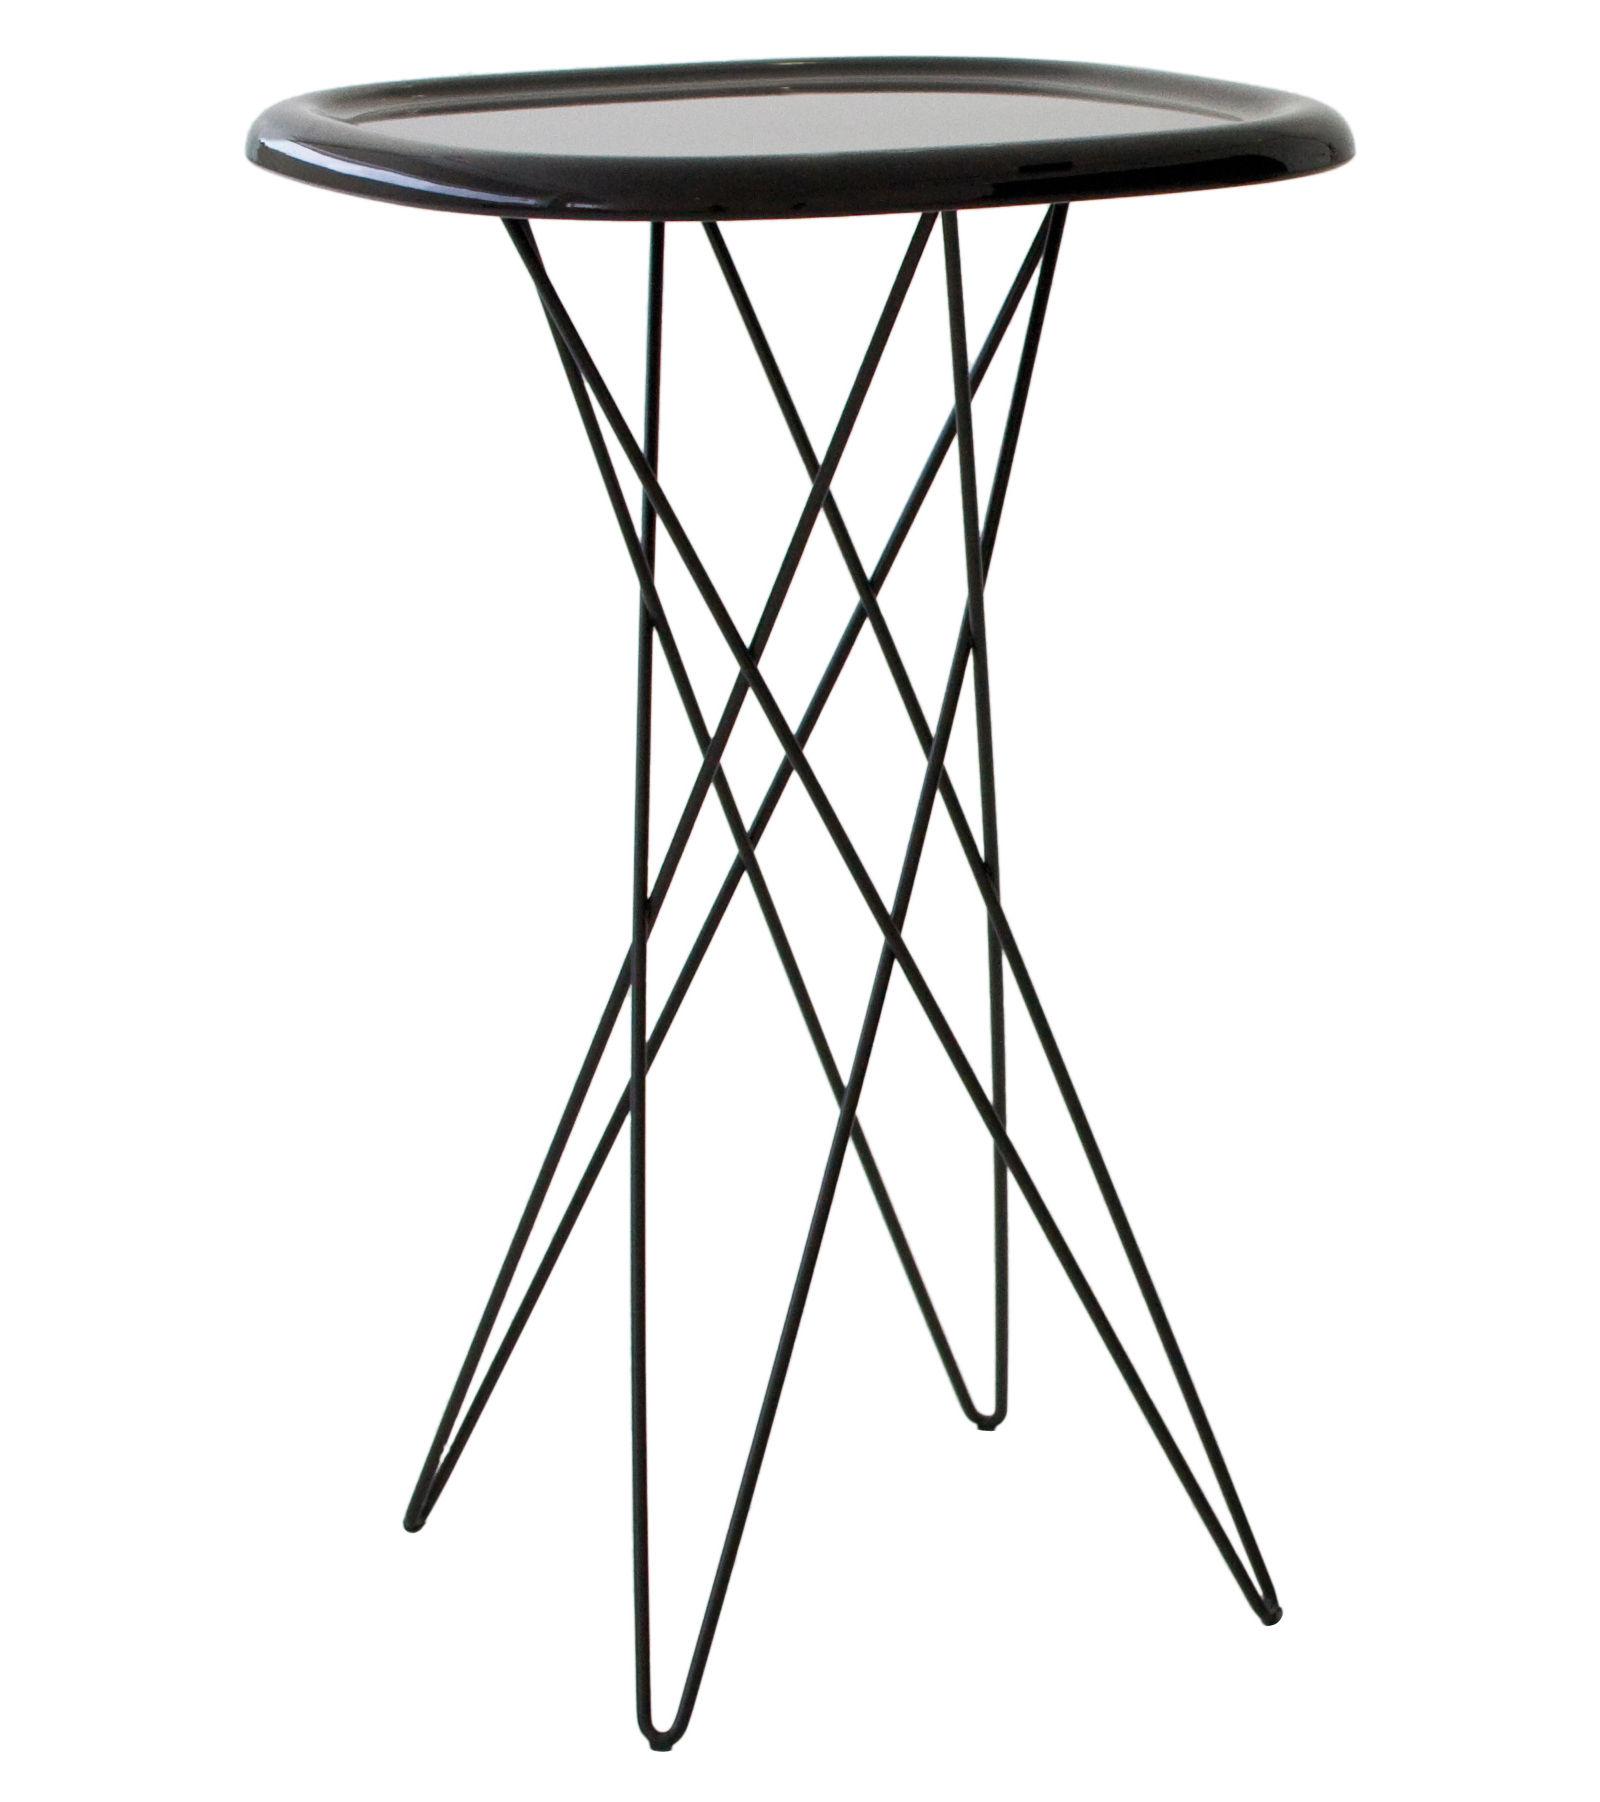 table d 39 appoint pizza h 70 cm h 70 cm marron magis. Black Bedroom Furniture Sets. Home Design Ideas